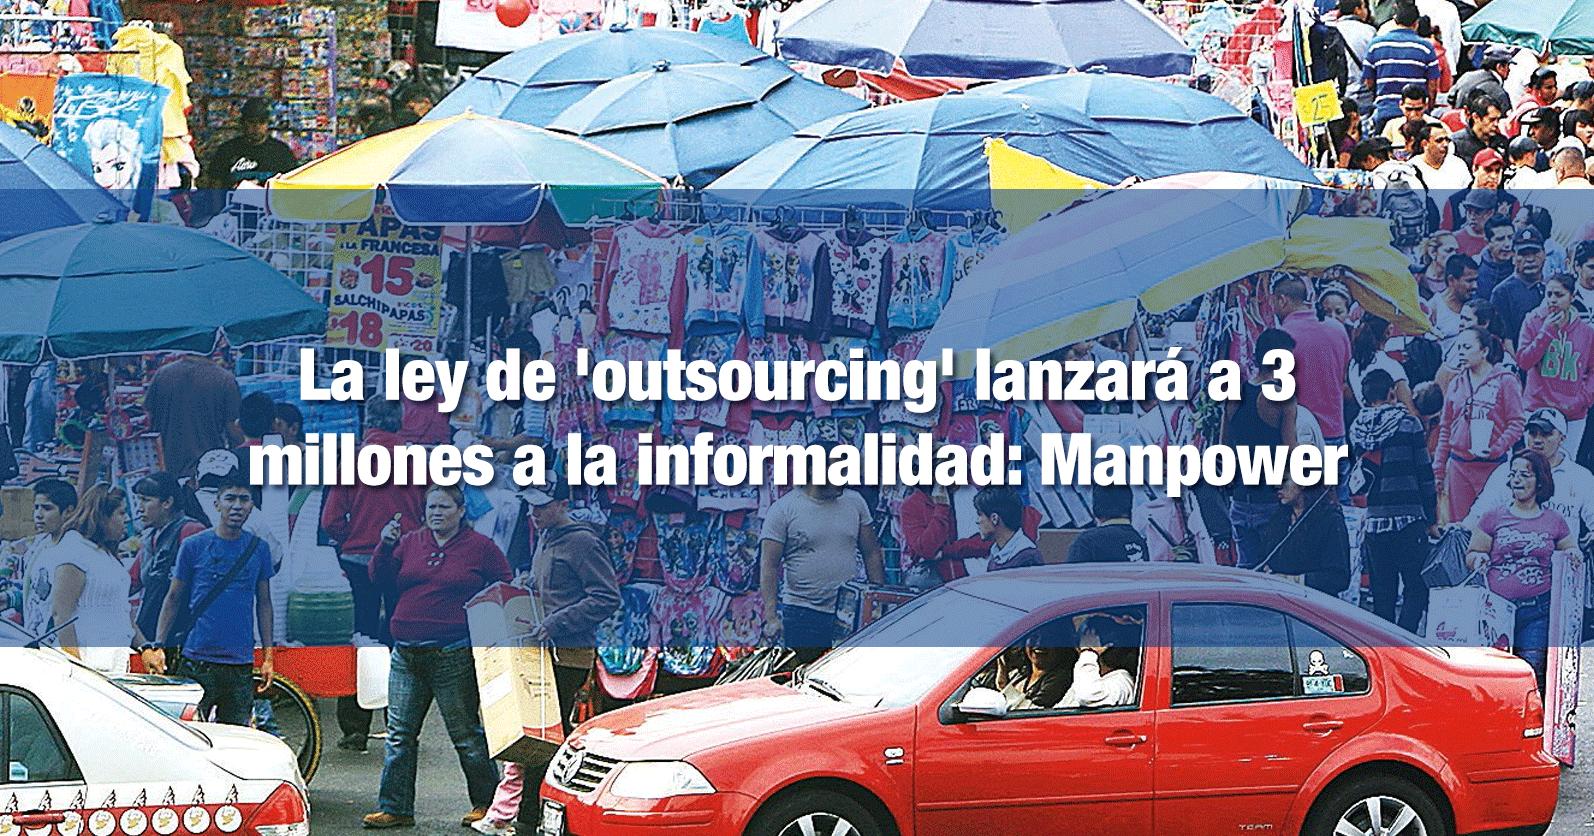 La ley de 'outsourcing' lanzará a 3 millones a la informalidad: Manpower